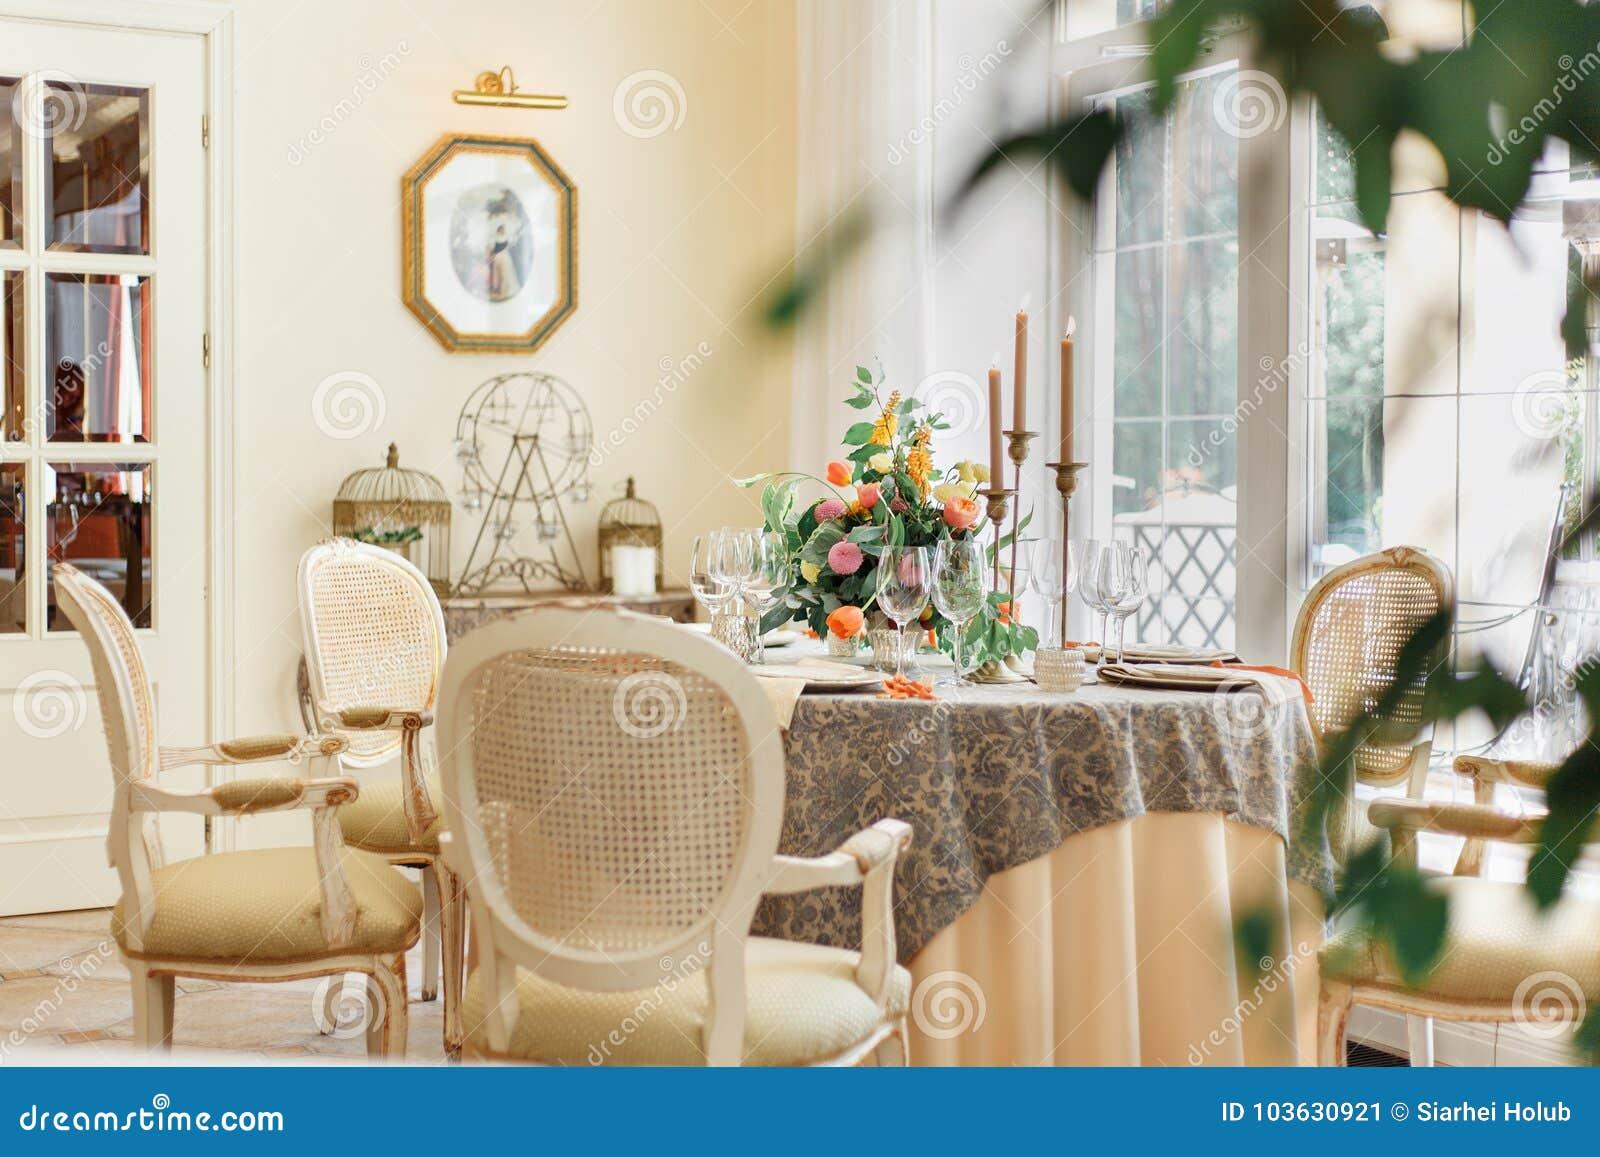 Un Tavolo Da Pranzo E Le Poltrone Comode In Una Casa Moderna Con Una Sala Da Pranzo Leggera Fotografia Editoriale Immagine Di Forcella Disegno 103630921